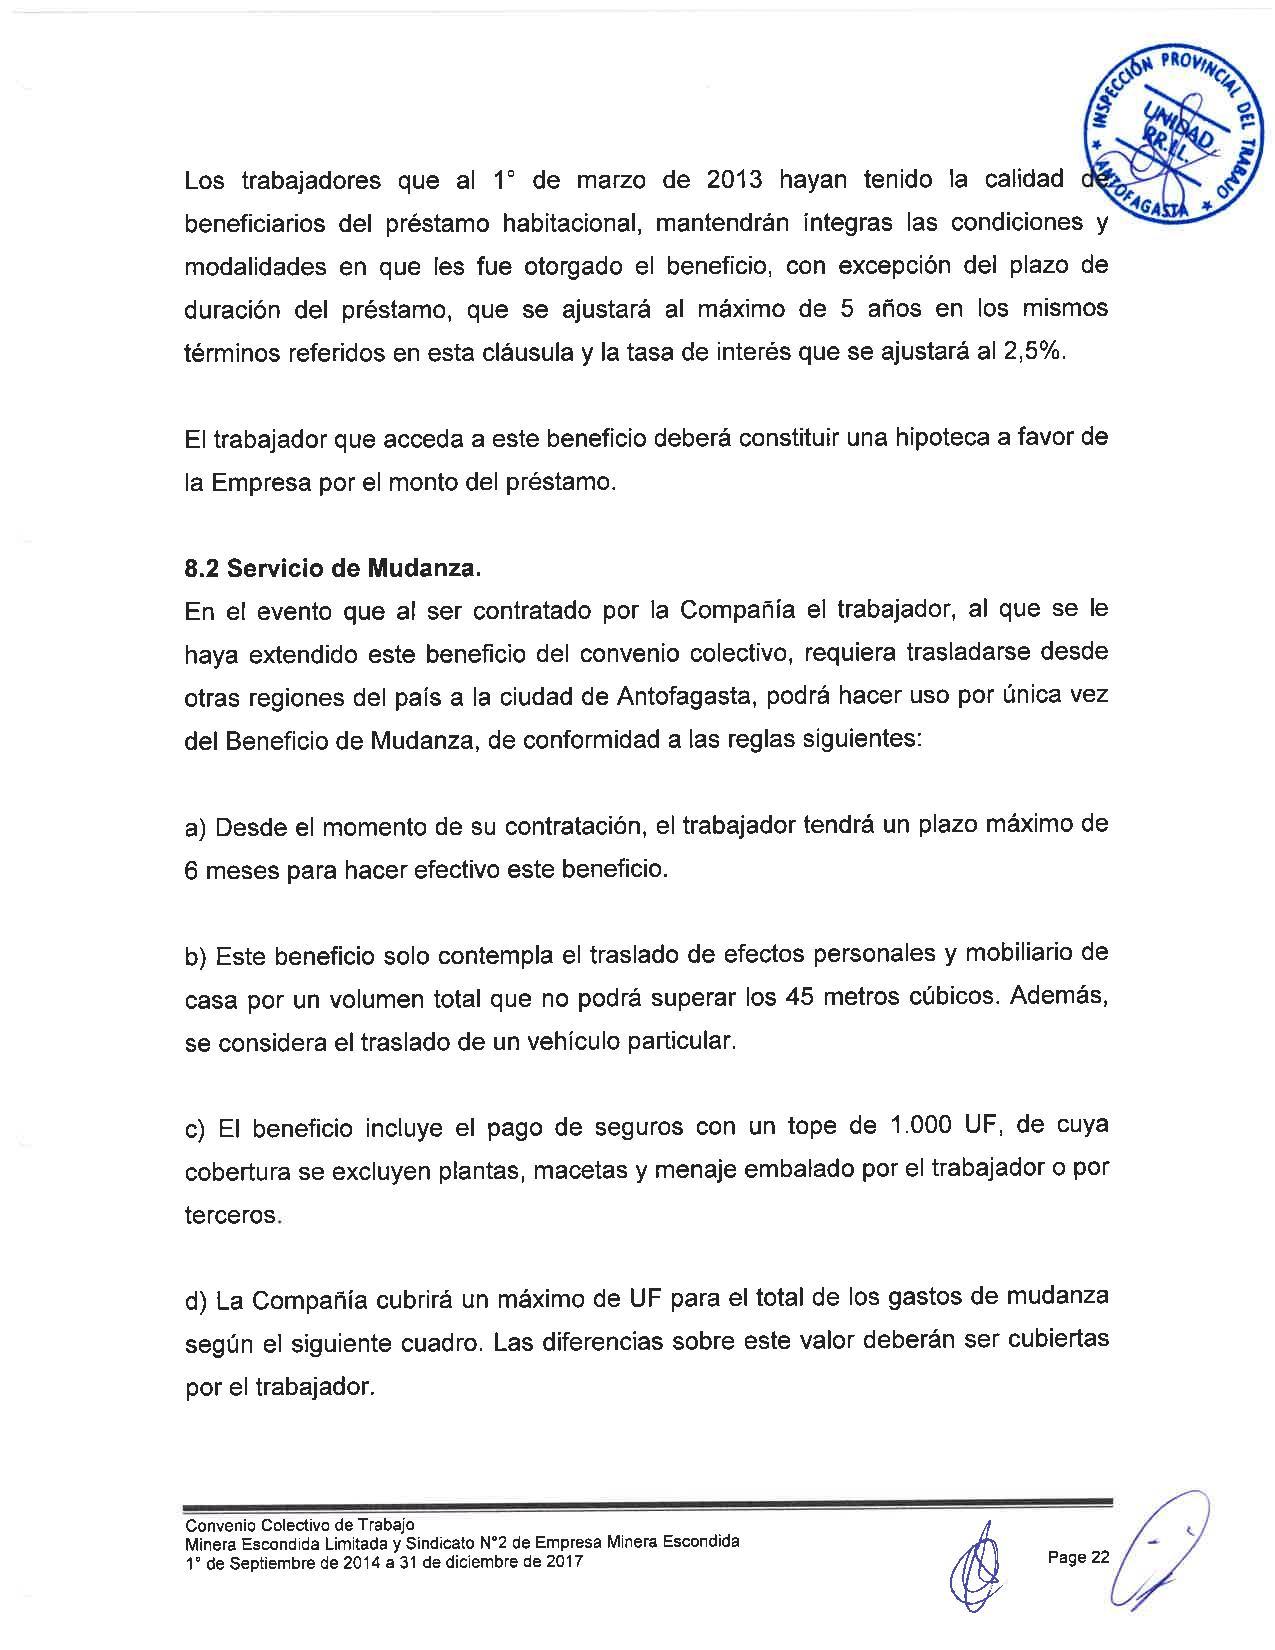 Página (22).jpg